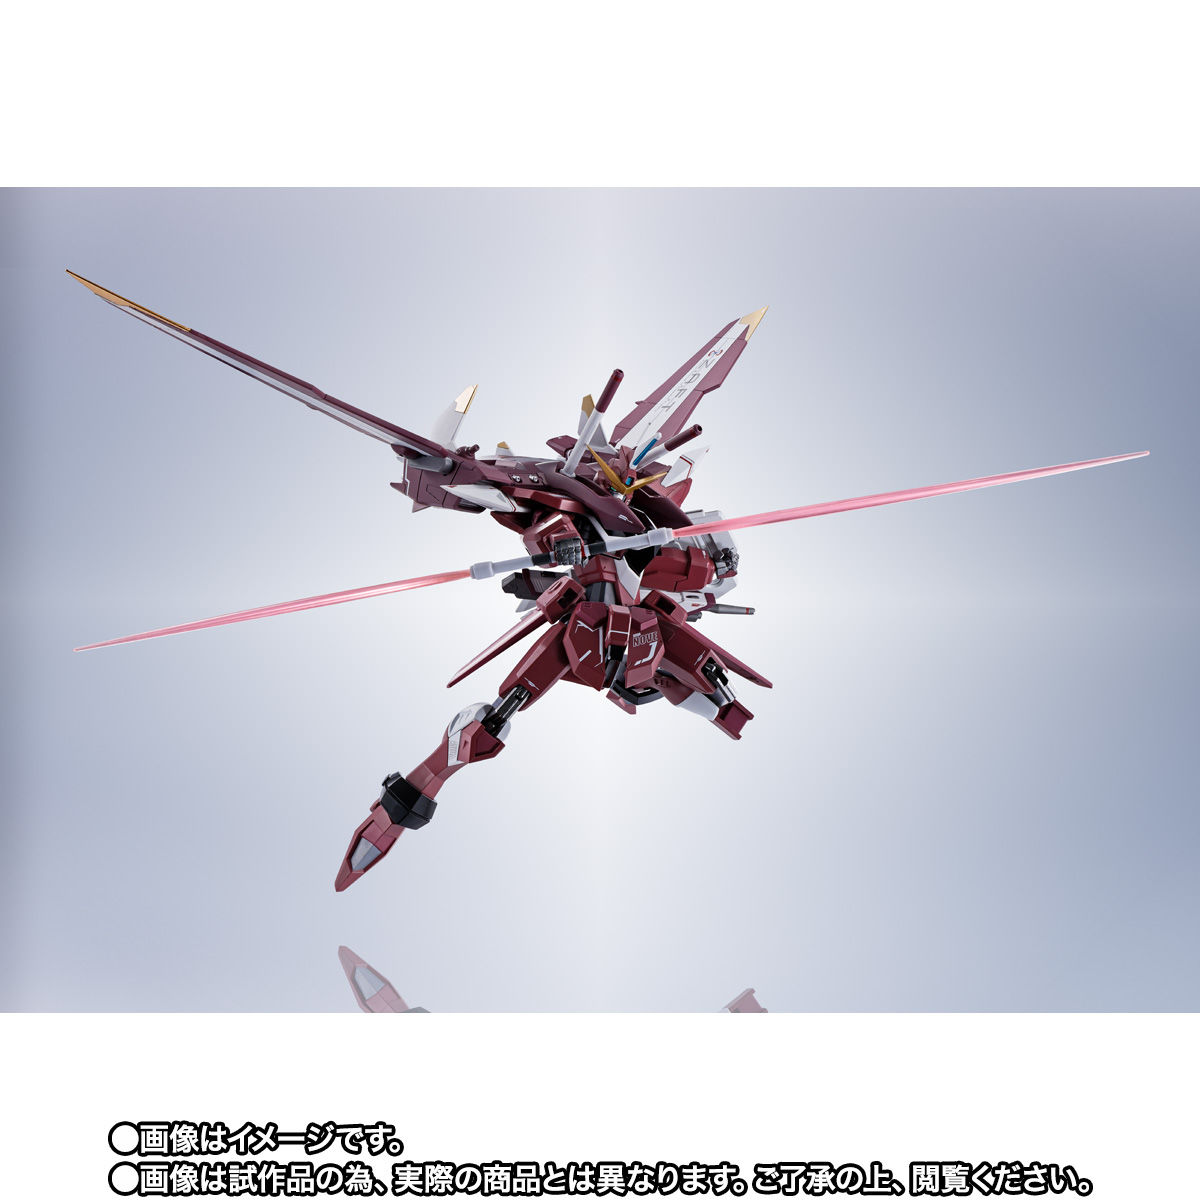 【限定販売】METAL ROBOT魂〈SIDE MS〉『ジャスティスガンダム』ガンダムSEED 可動フィギュア-005